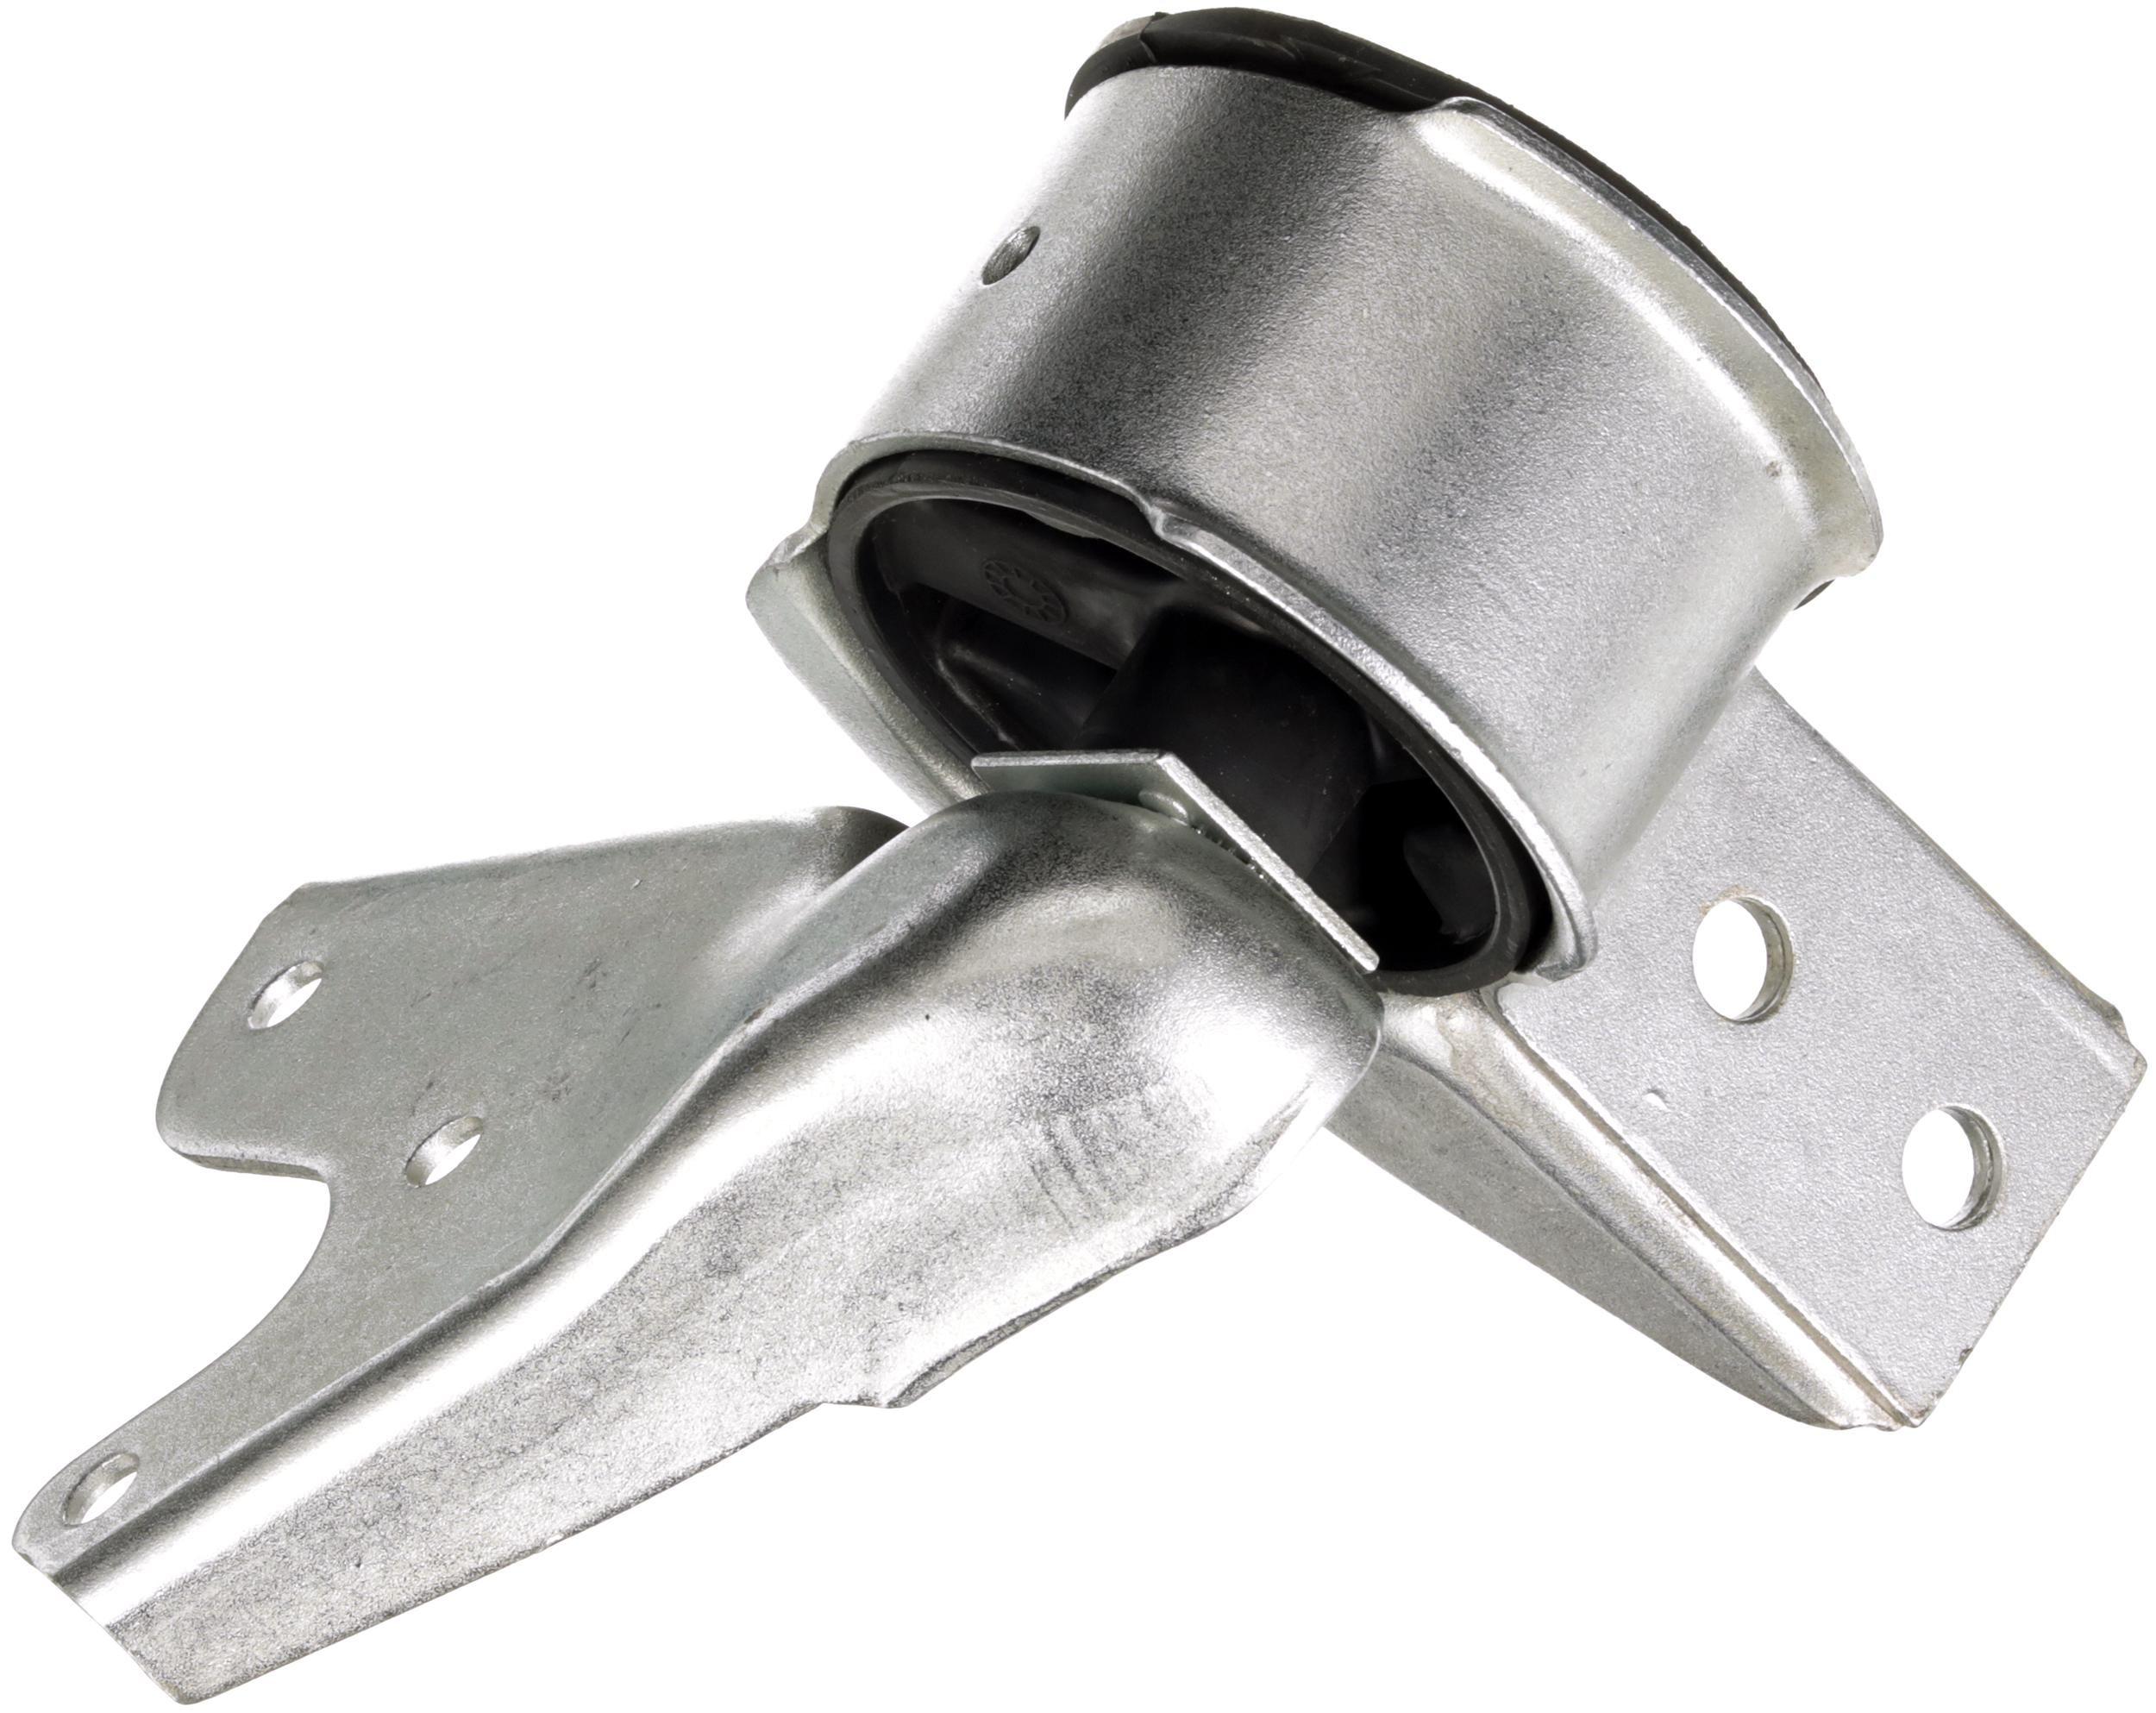 Outillage de montage, courroie de transmission GAT4840 acheter - 24/7!